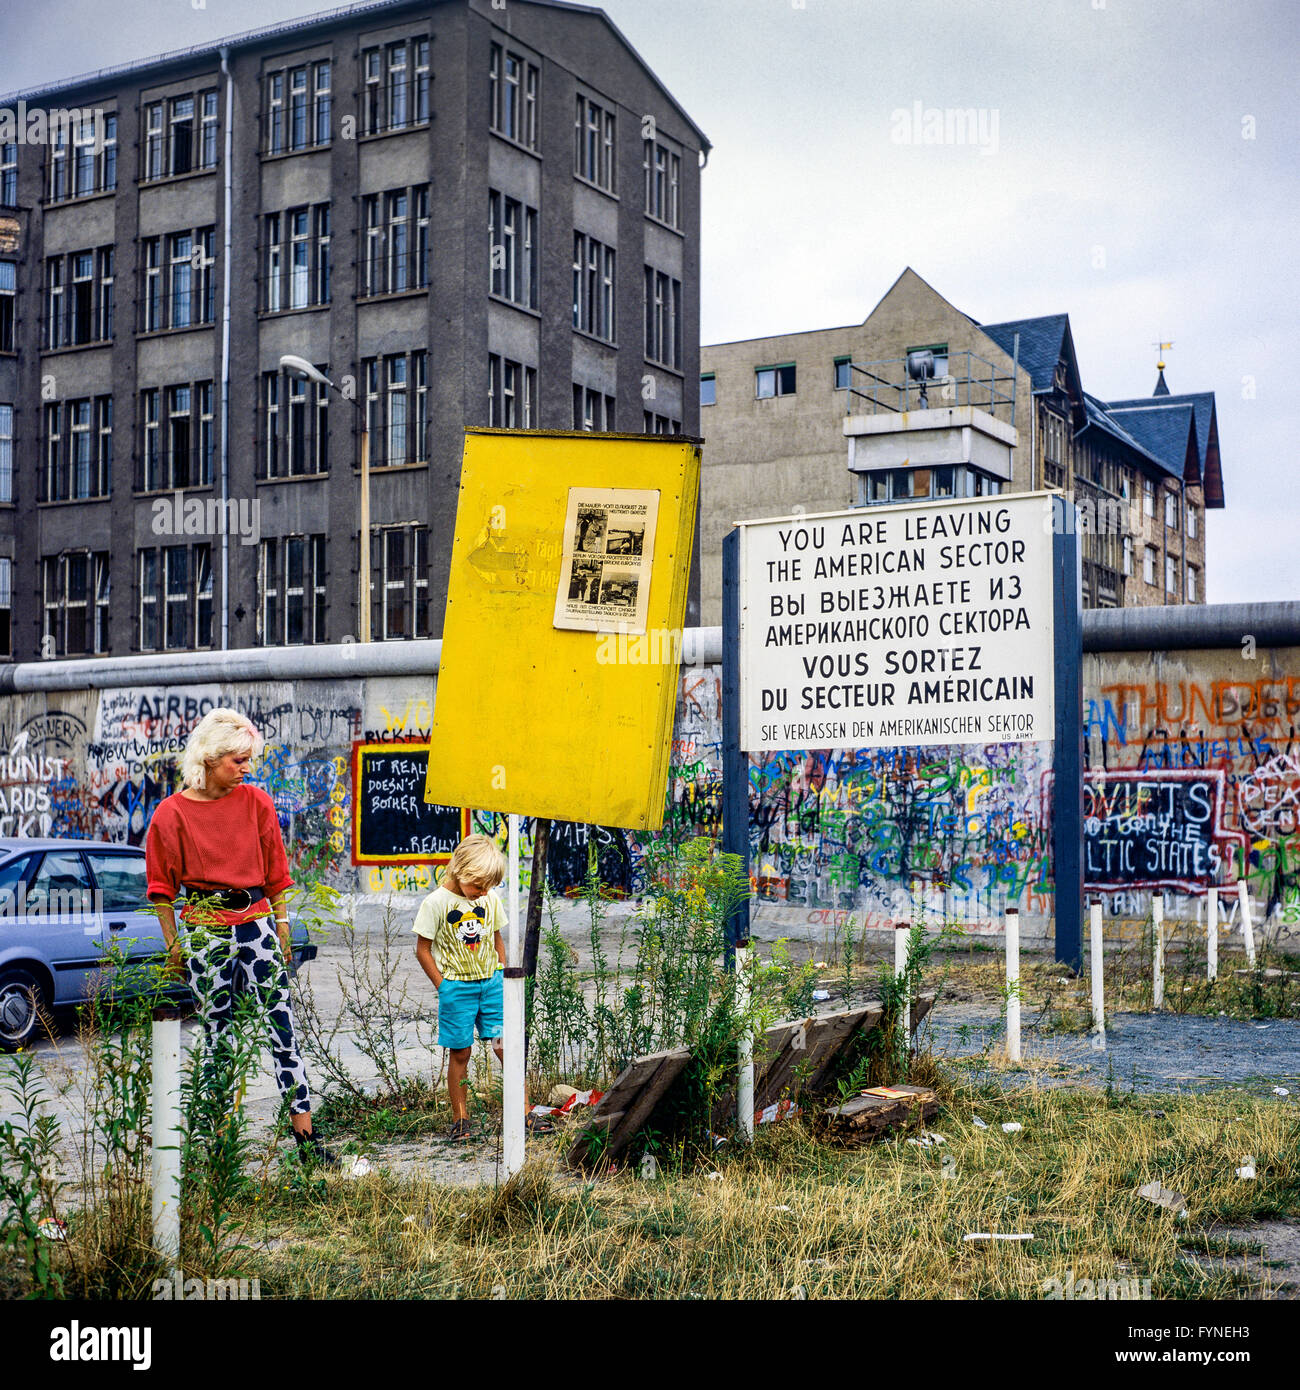 Agosto 1986, mujer y niño, dejando el sector americano señal de advertencia, el muro de Berlín graffitis, Imagen De Stock